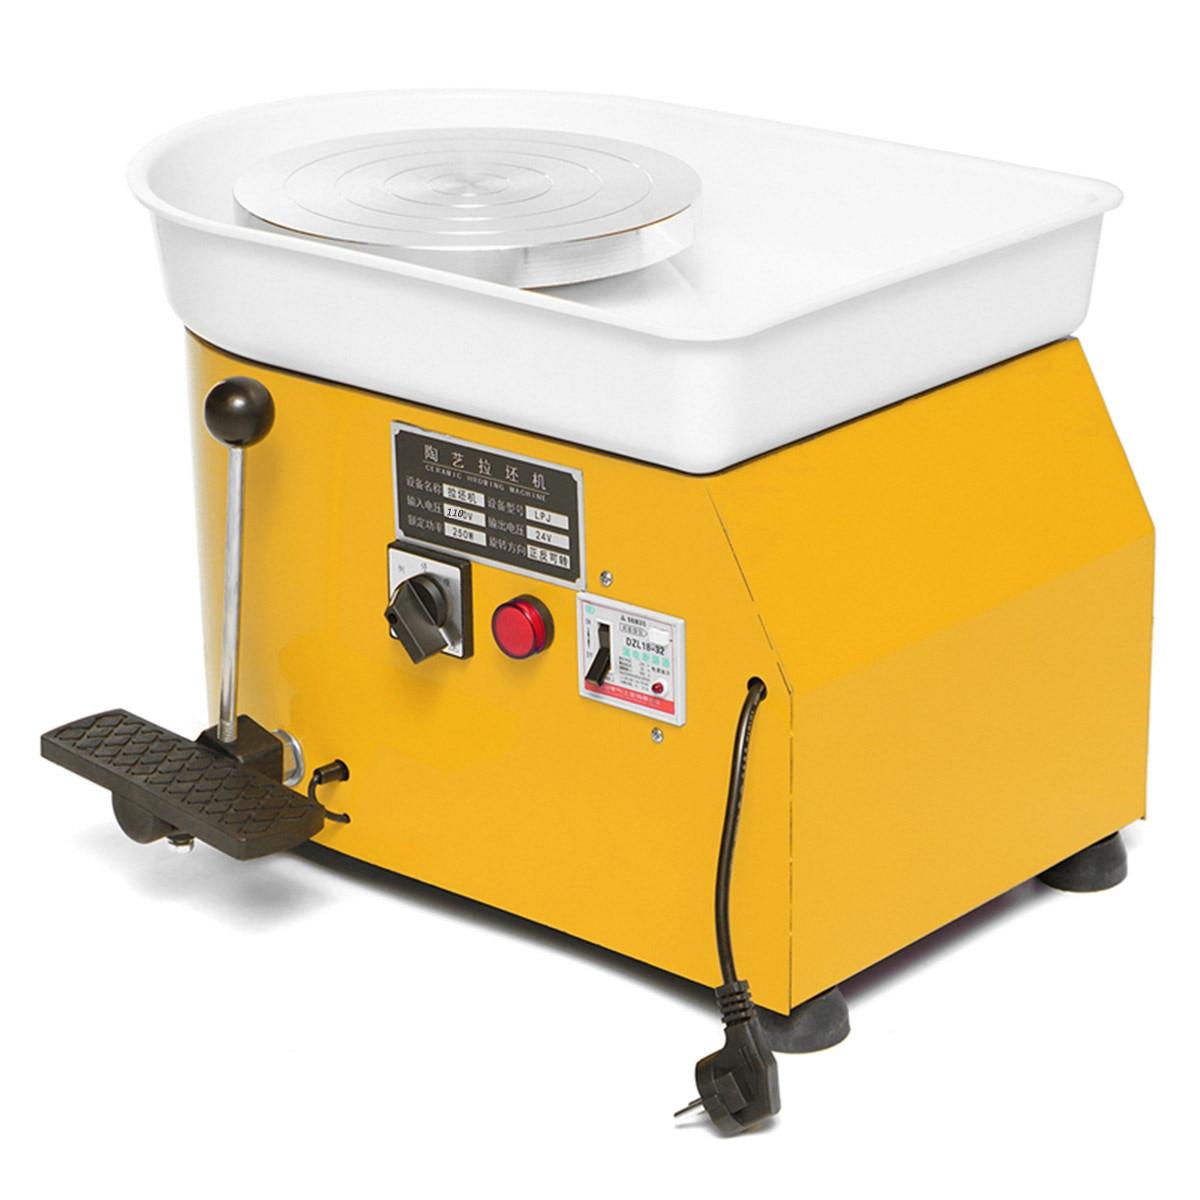 US élégant jaune électrique poterie roue Machine accessoire céramique argile outil pied pédale Art artisanat 250 W 110 V